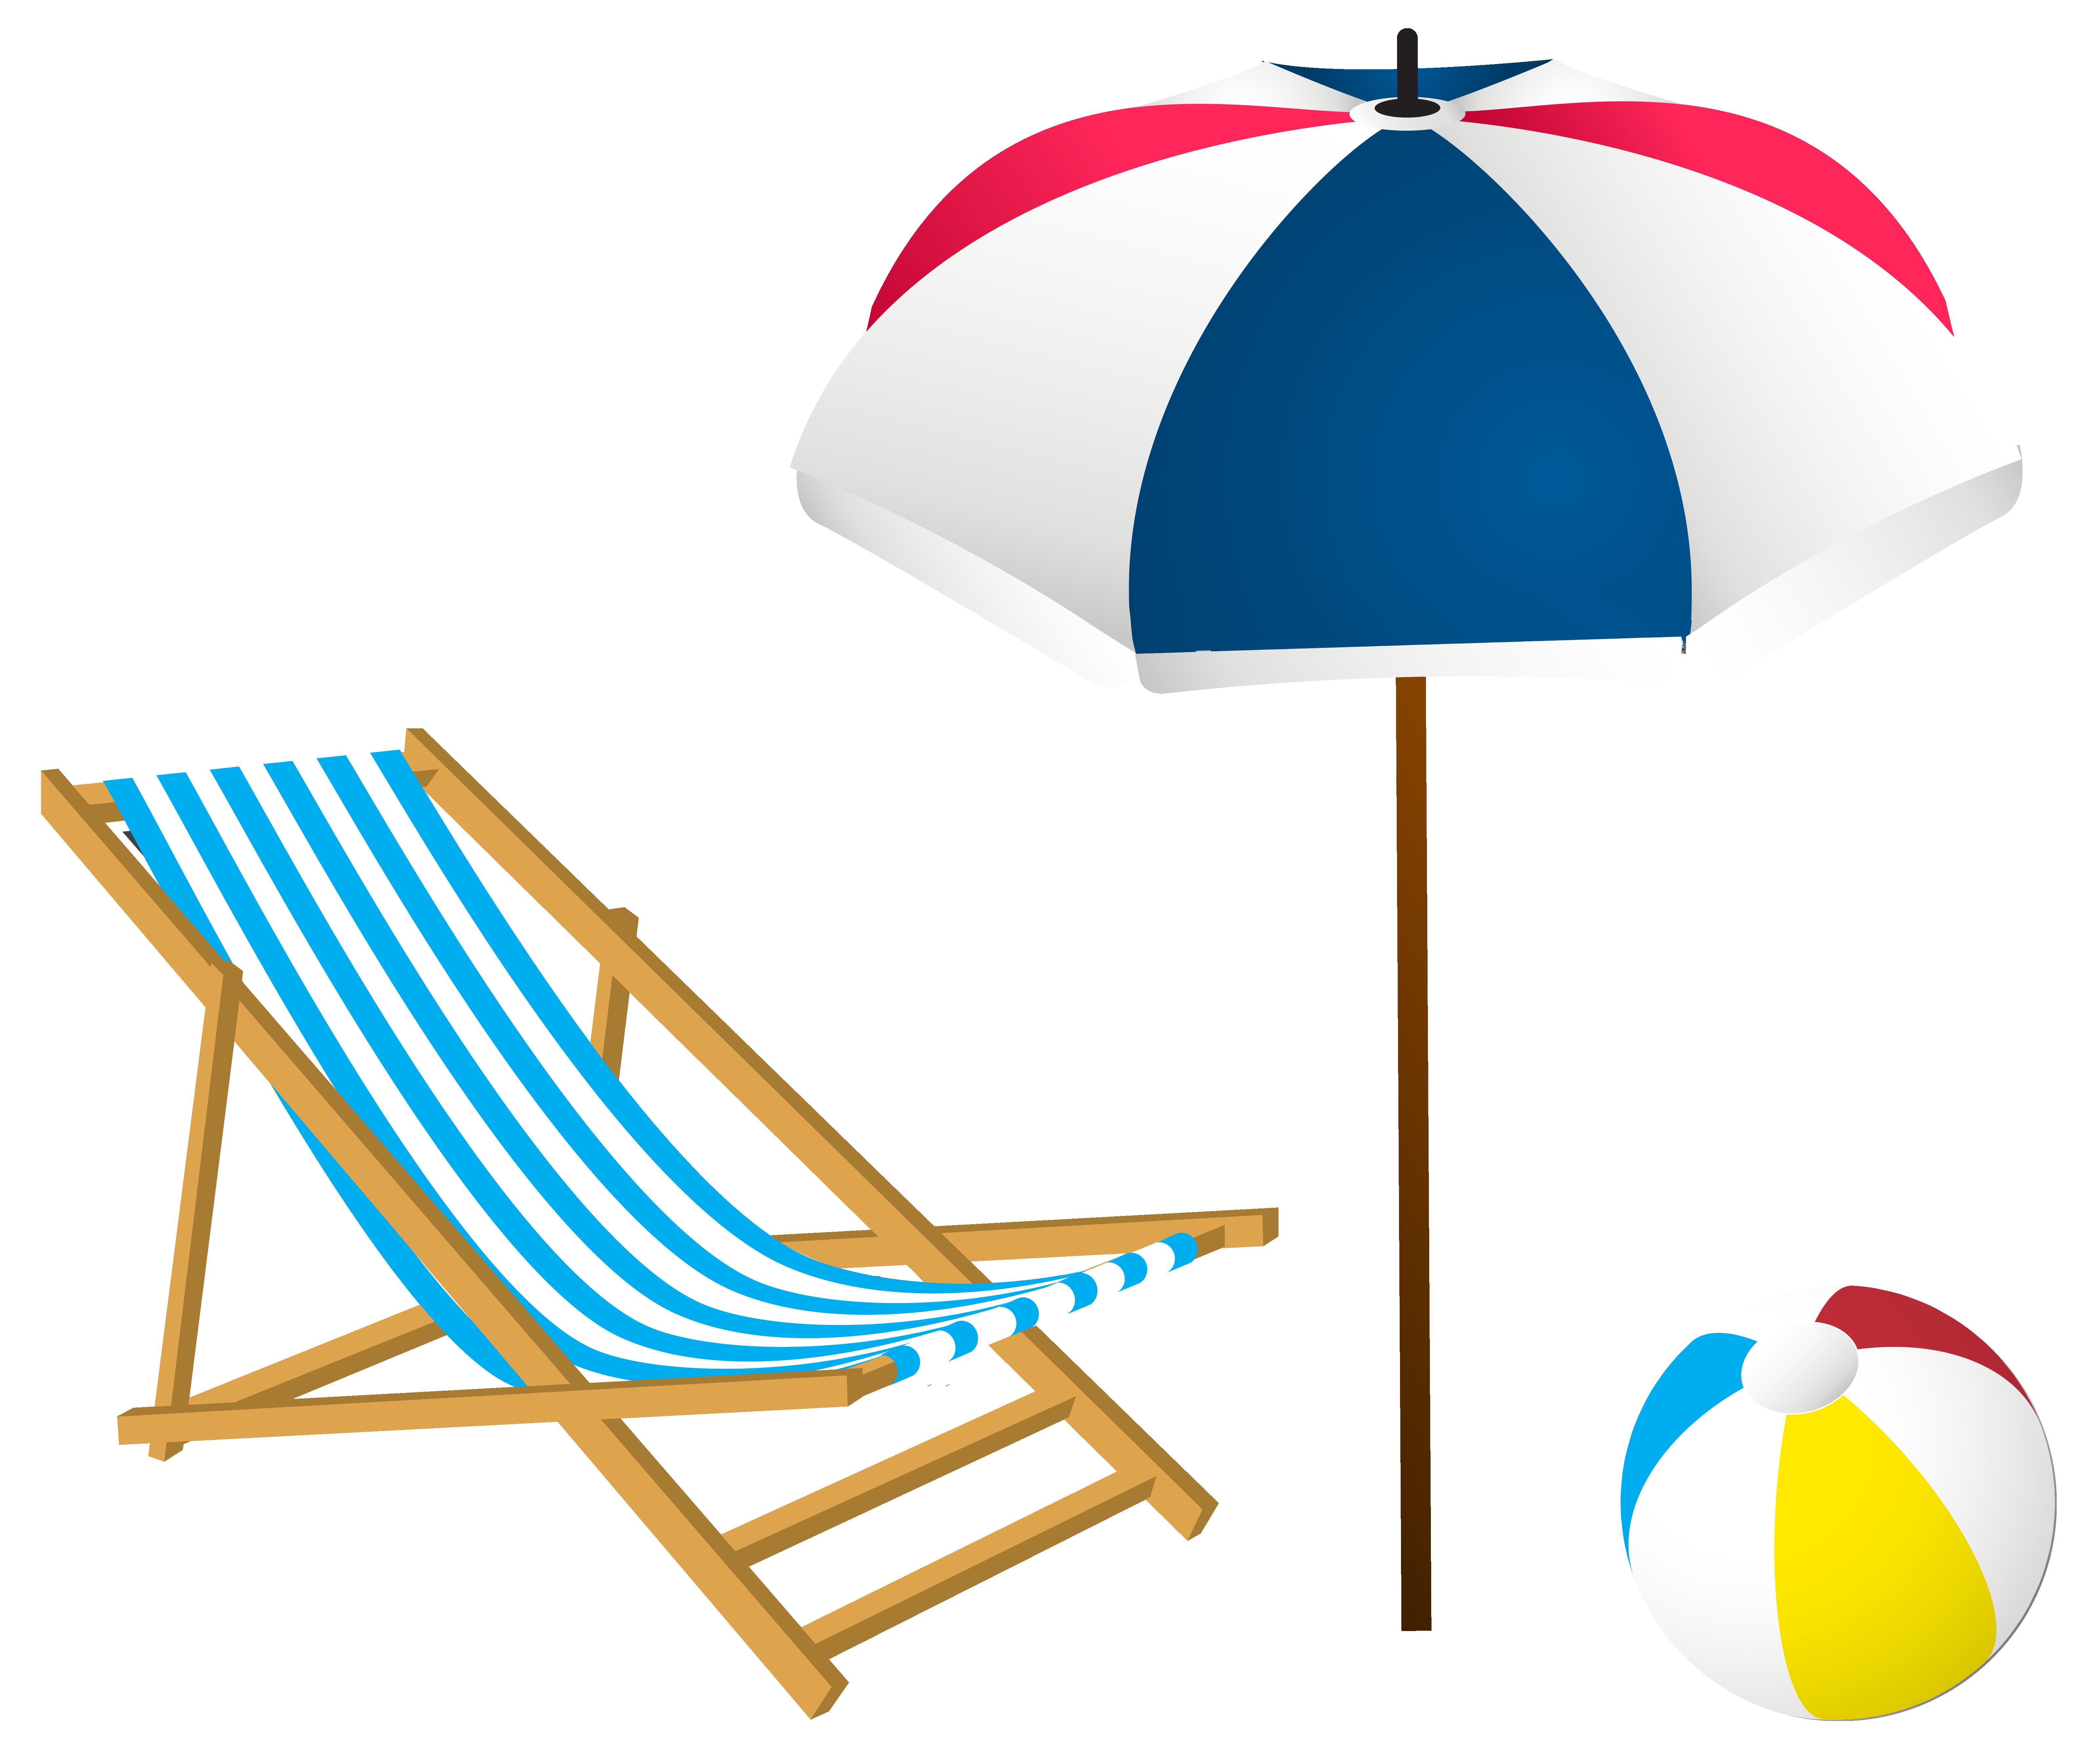 Clipart Chair Beach Clipart Chair Beach Transparent Free